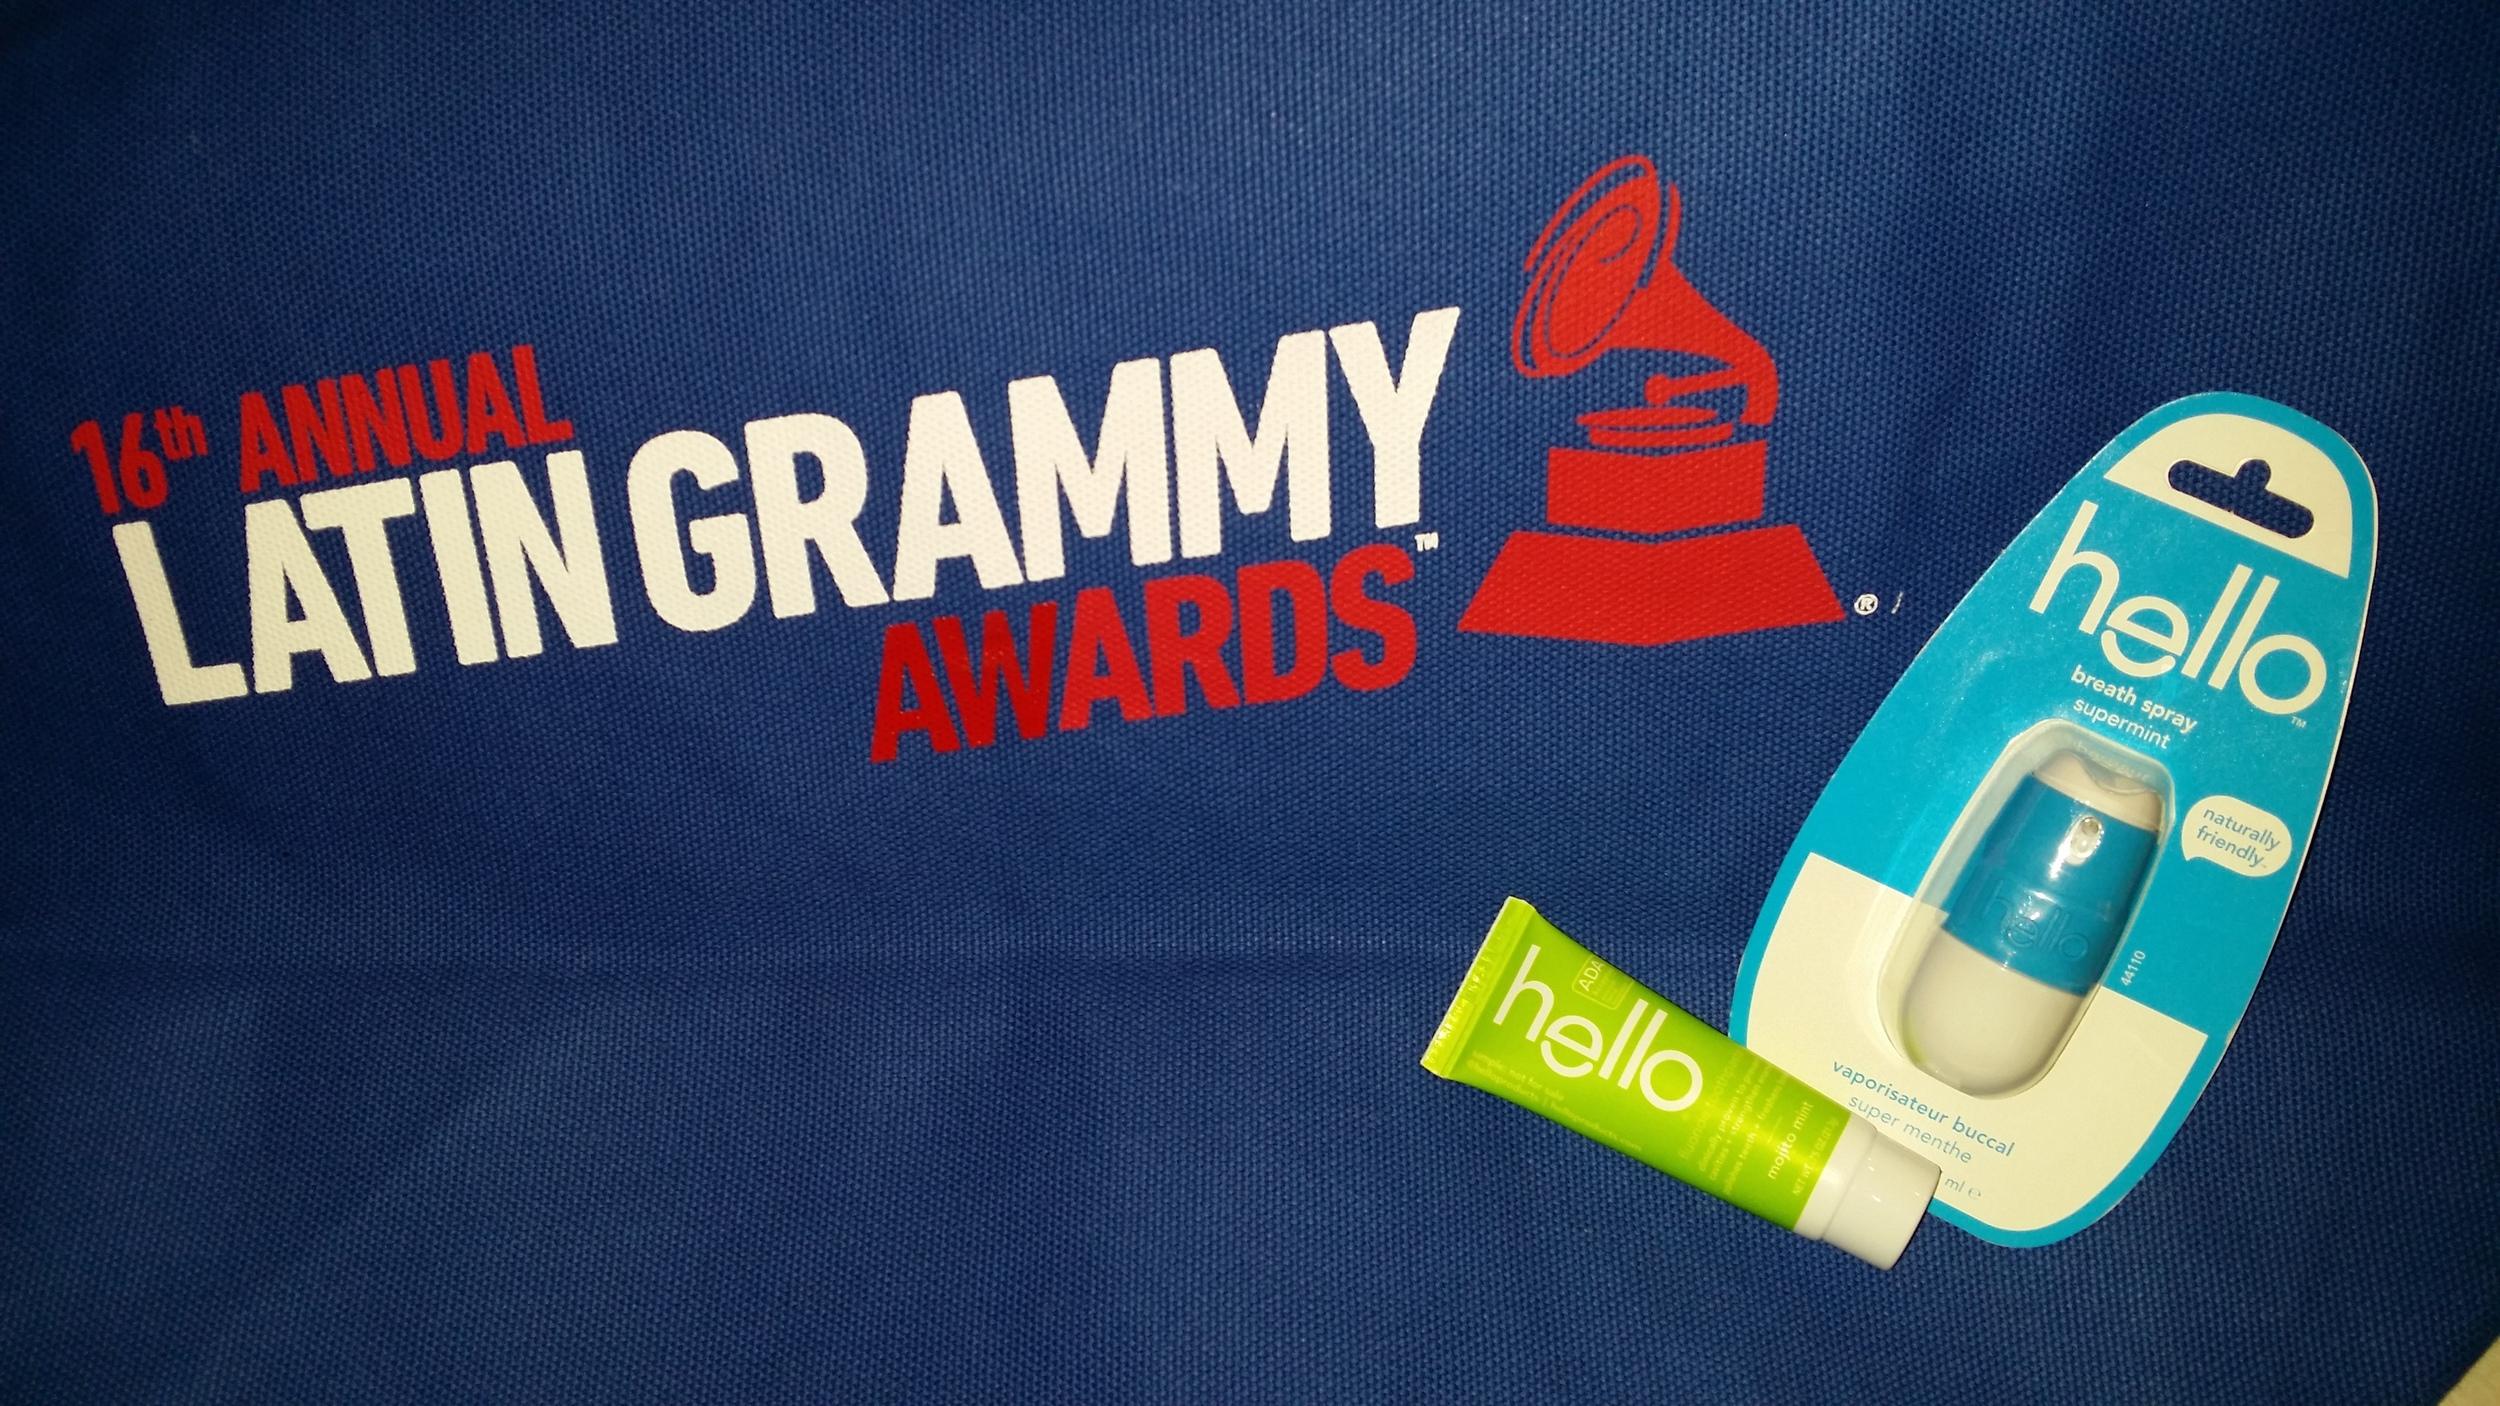 Hello Latin Grammys 2015.jpg